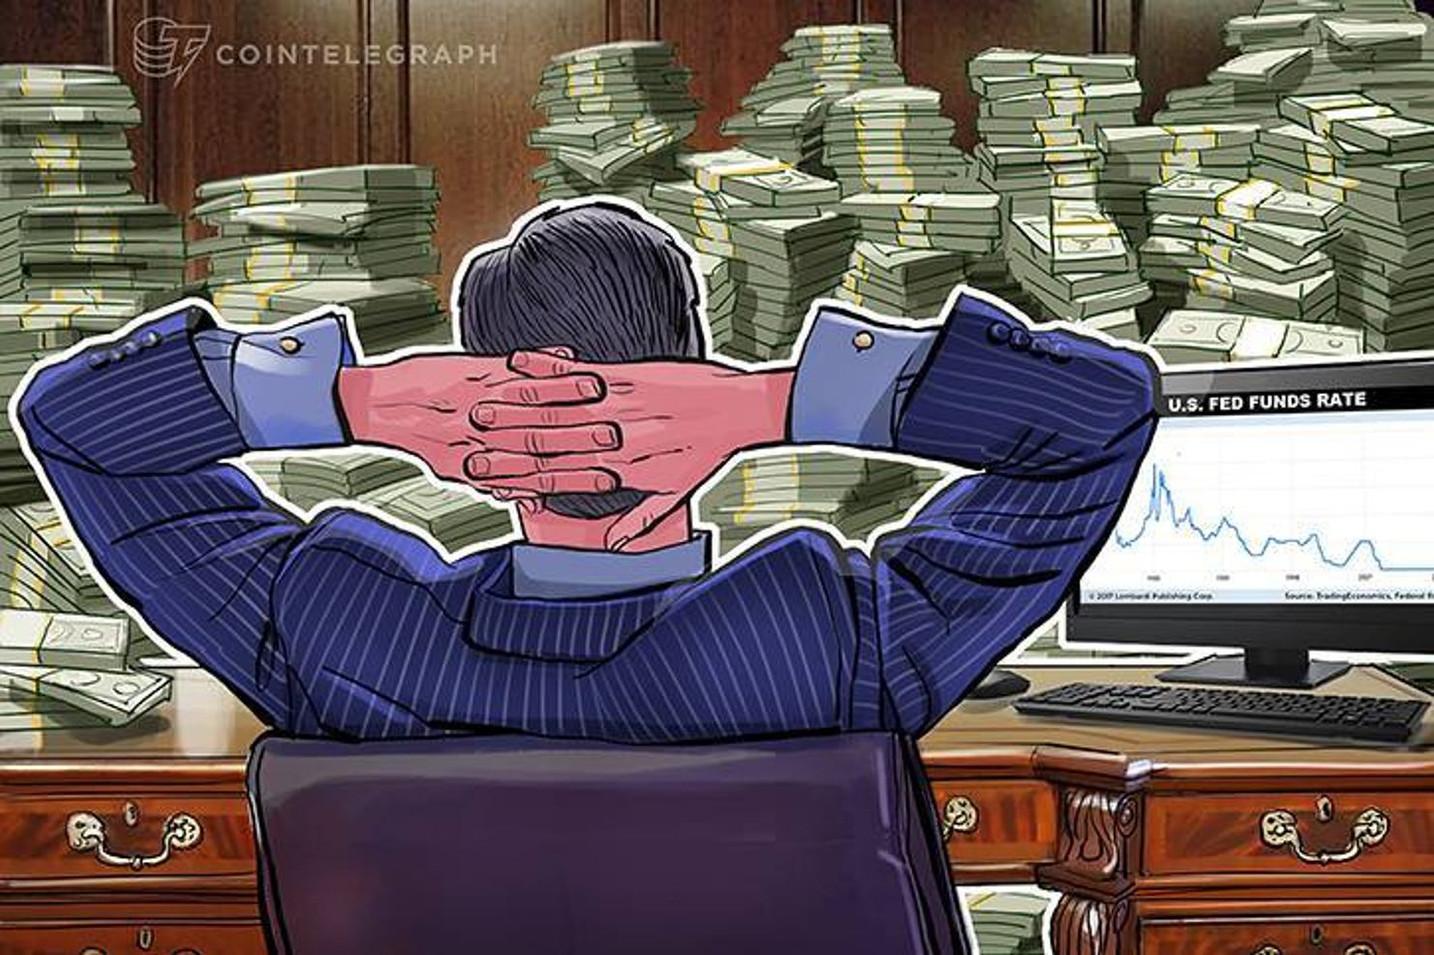 FRBパウエル議長 「仮想通貨は投資家にとって深刻なリスク」